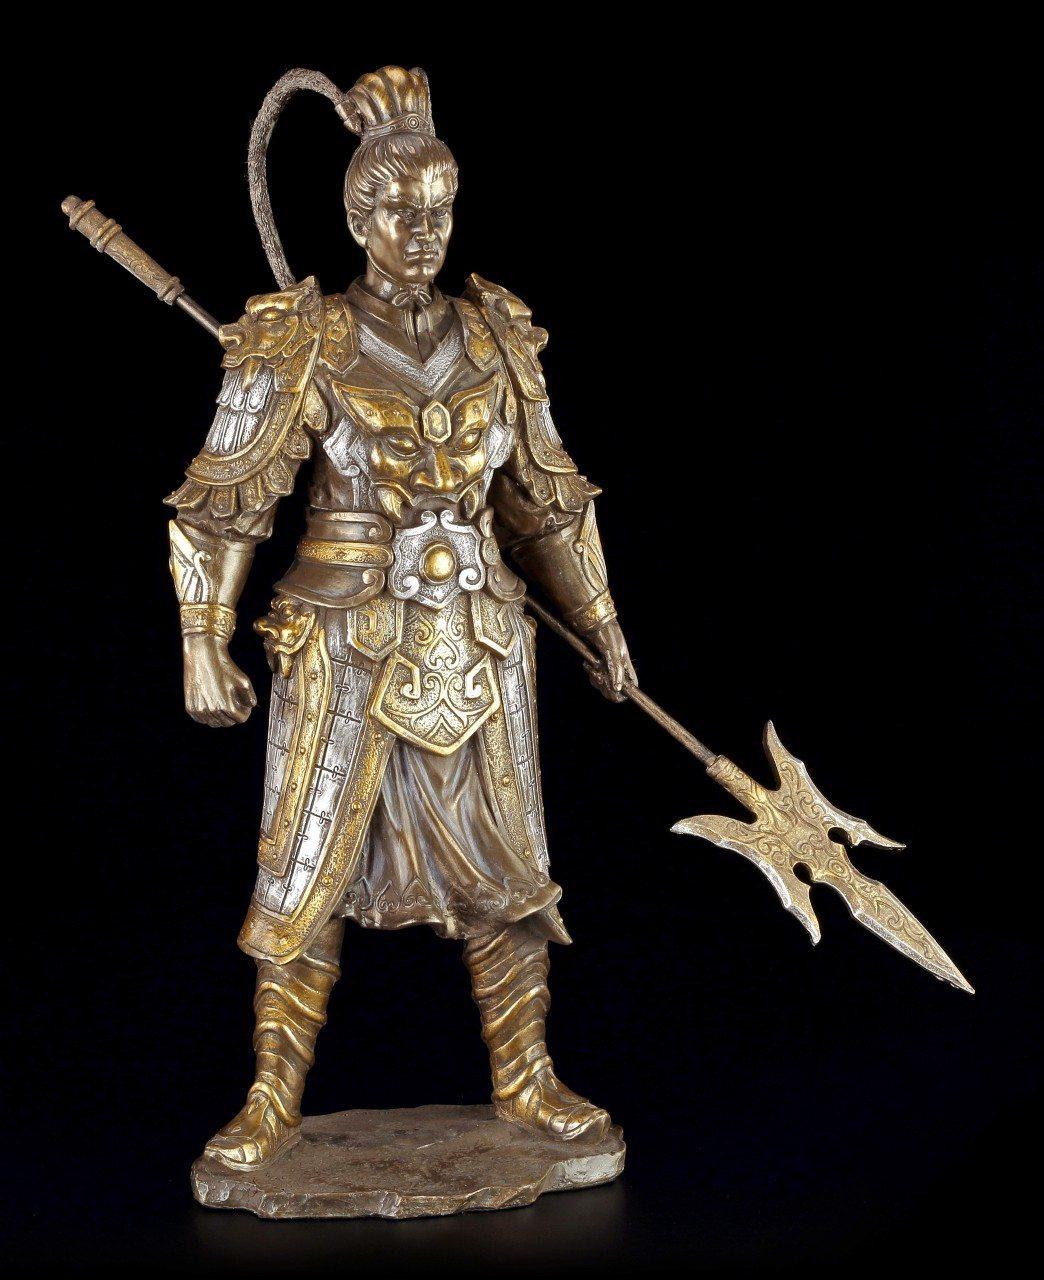 Chinese Warrior Figurine - Lu Bu